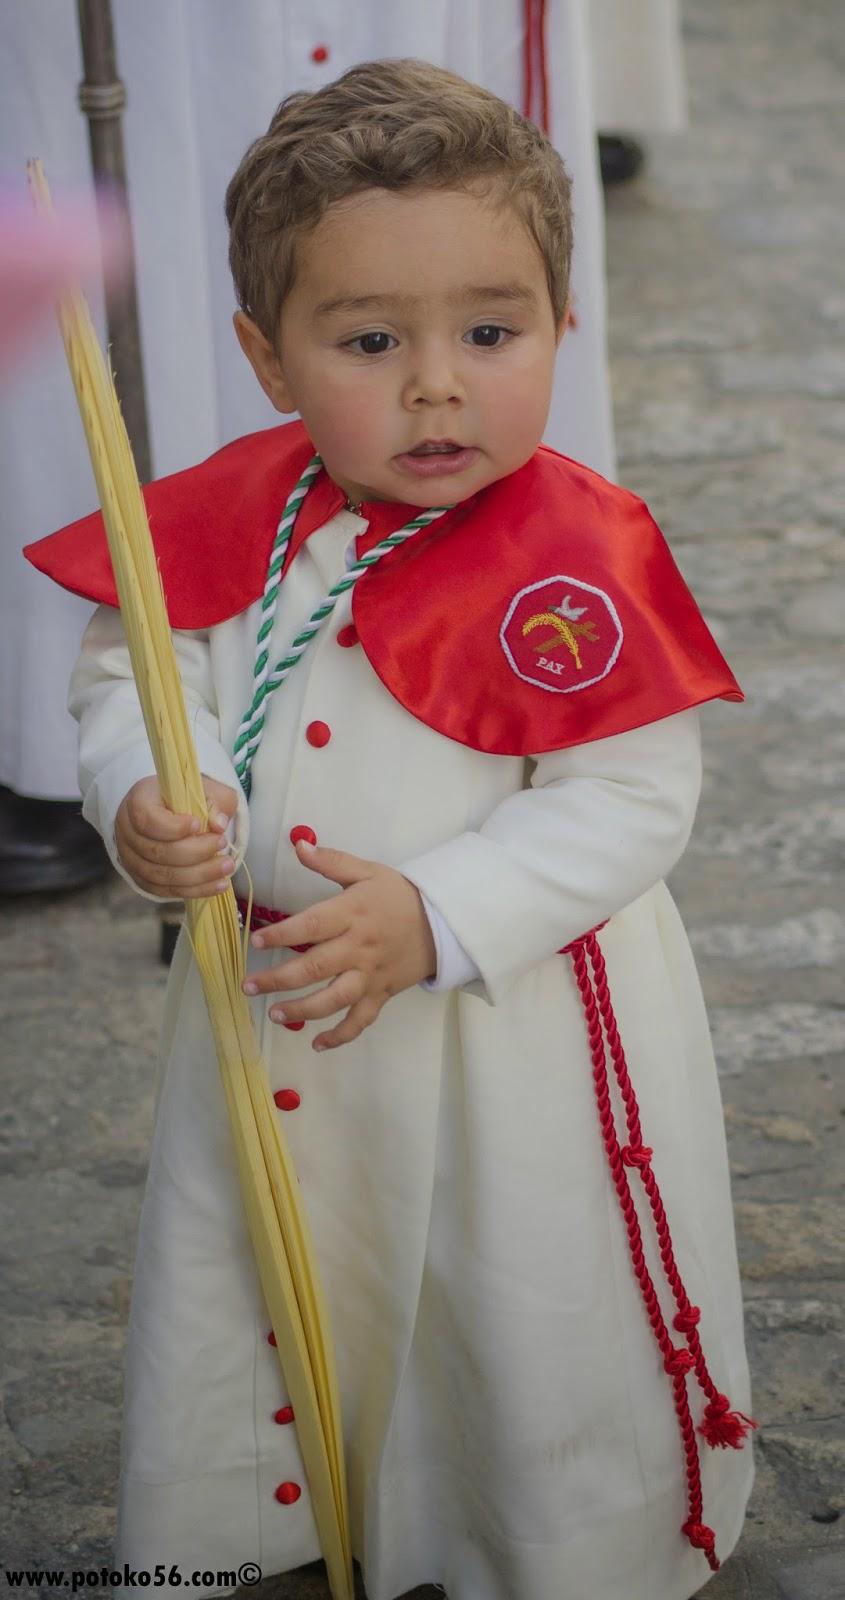 Un pequeño vestido de Nazareno en el Domingo de Ramos en Rota